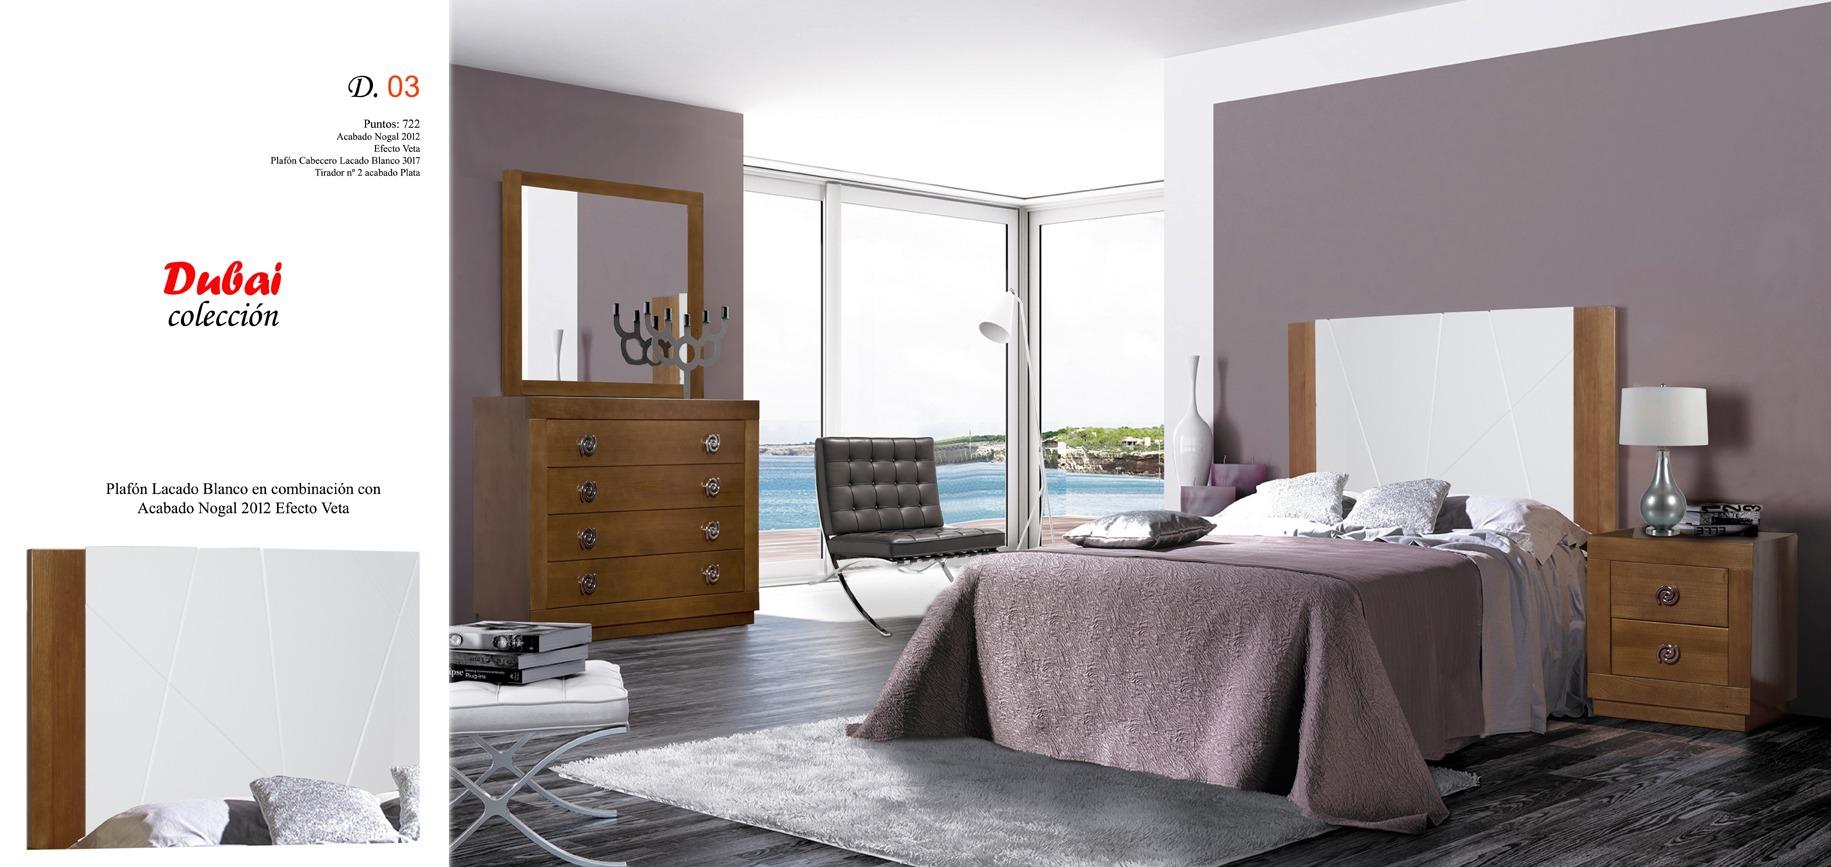 04 Dubai Dormitorio Muebles los barriales